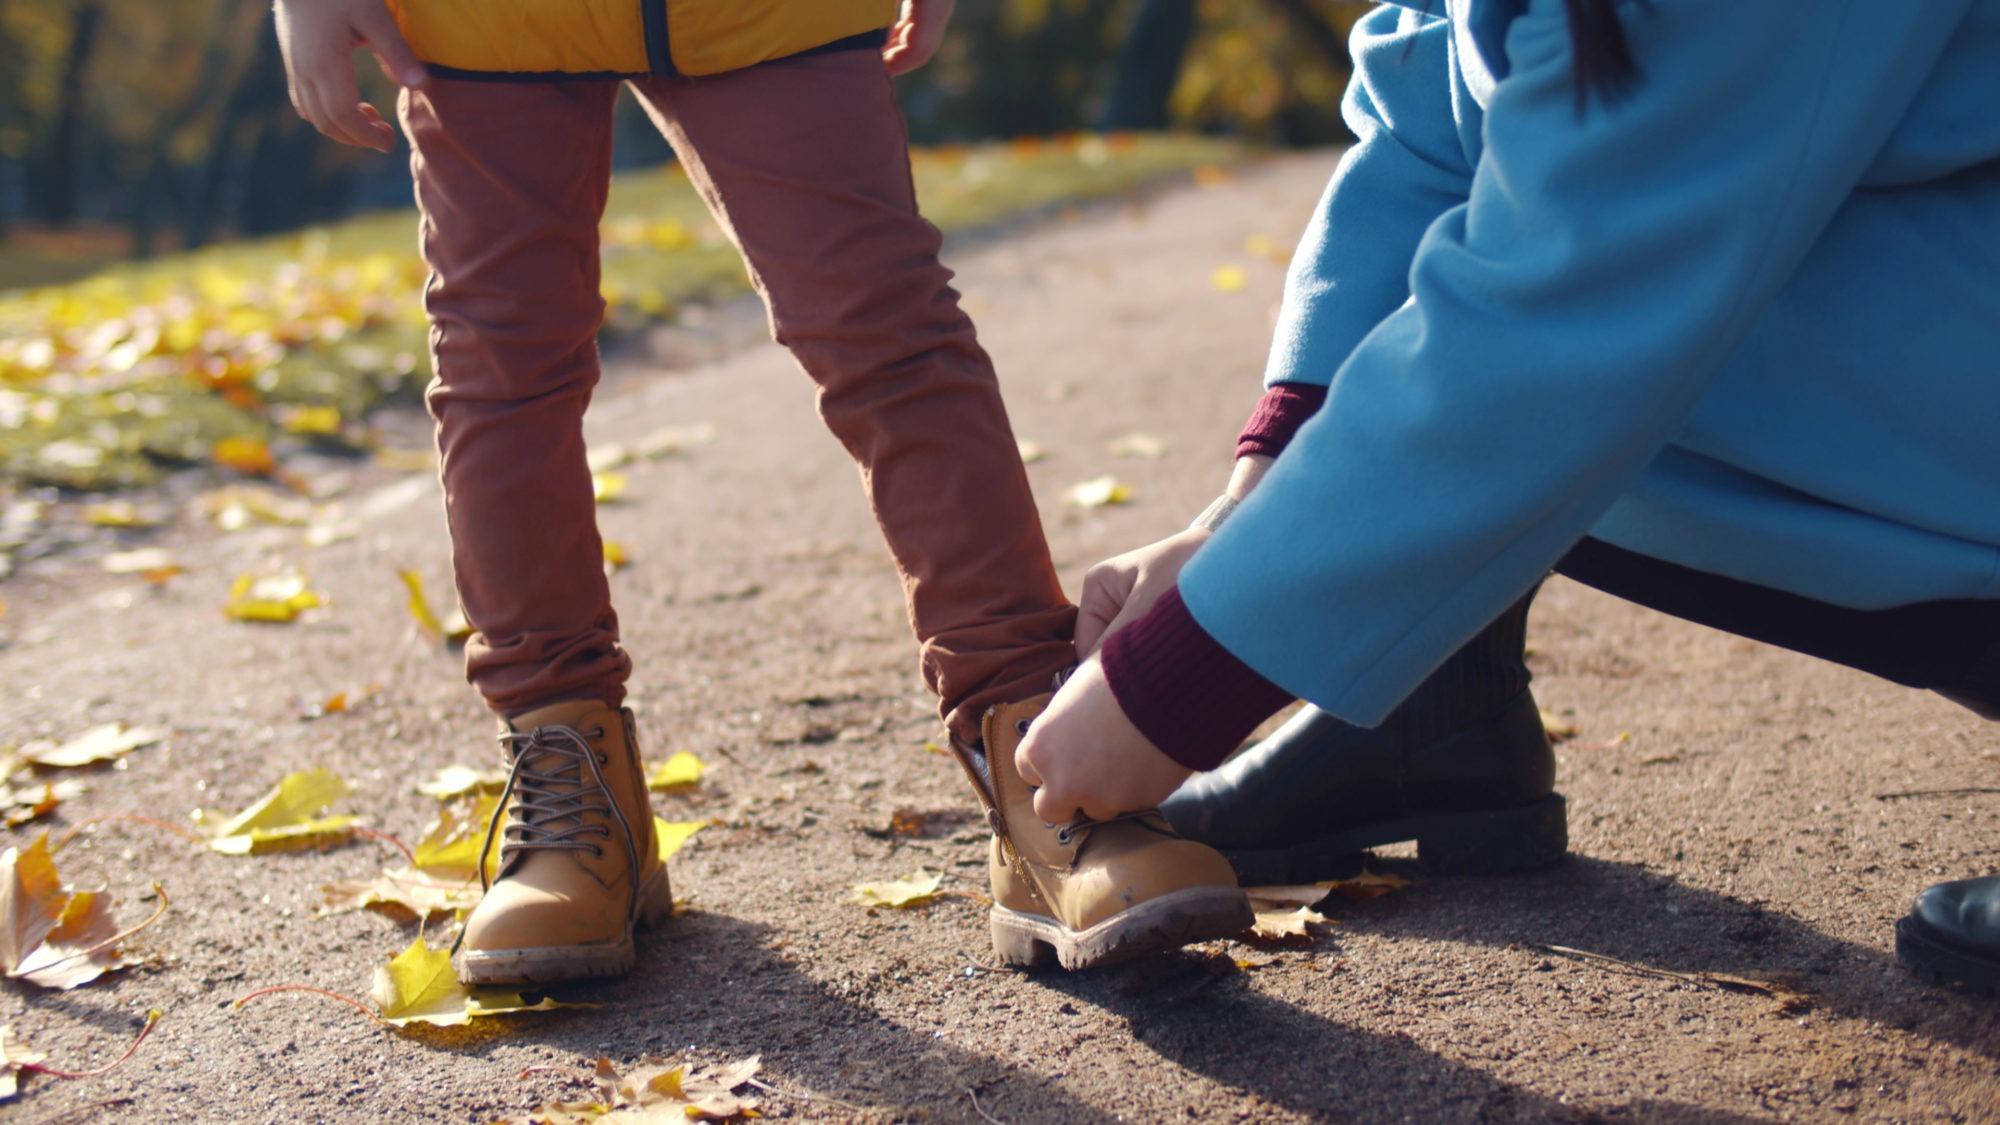 Miten lapsen tapaamisoikeus ja vuoroasuminen järjestetään poikkeusoloissa?